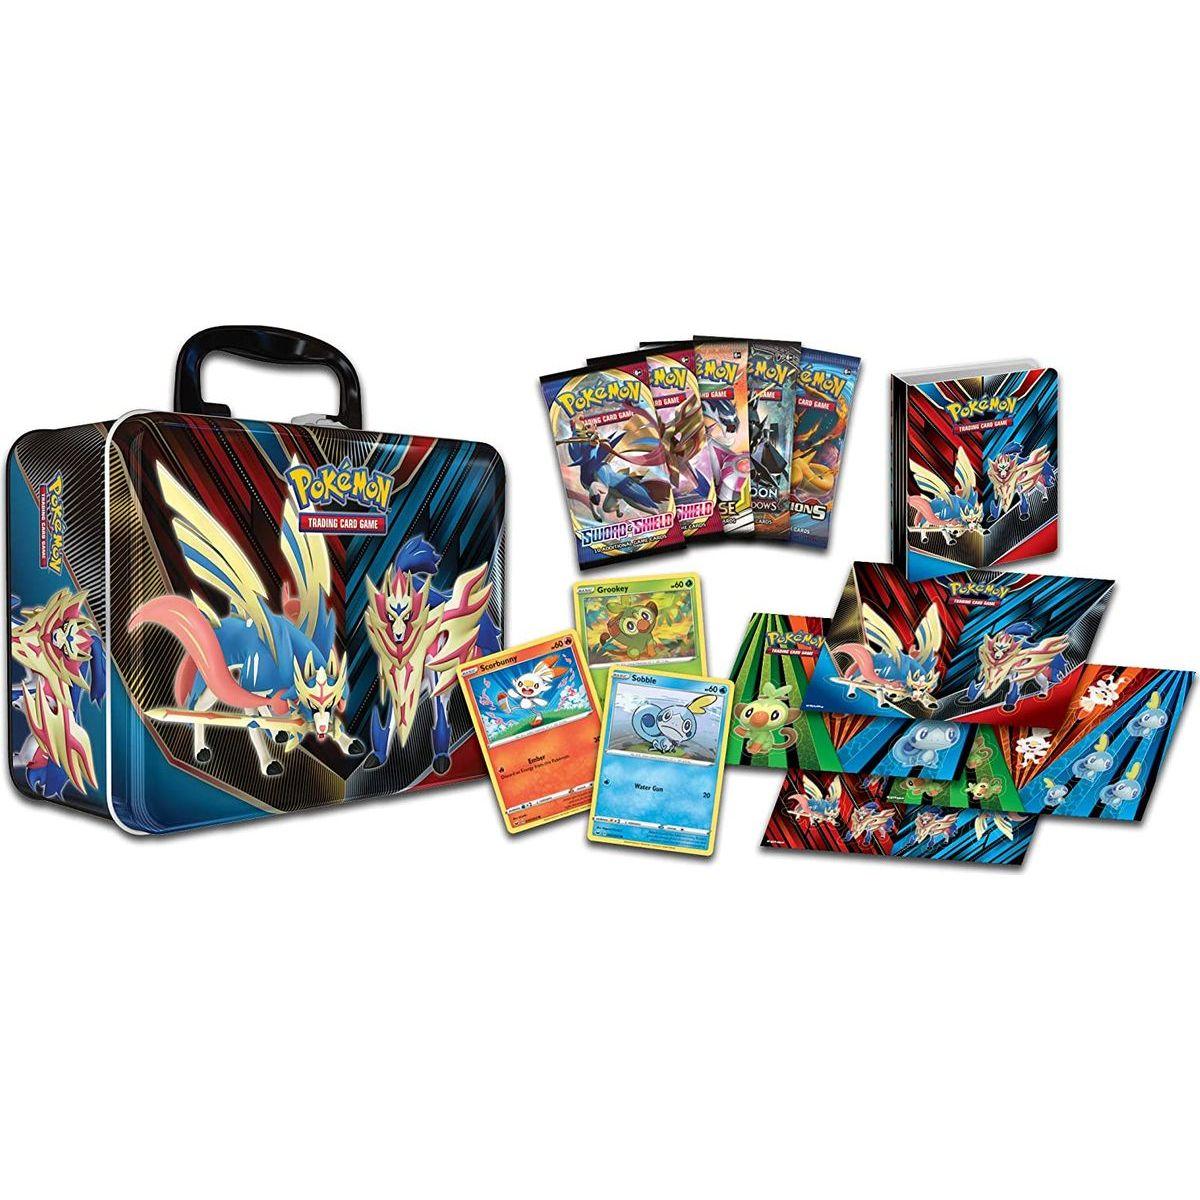 Pokémon TCG: Collector Chest - SS 2020